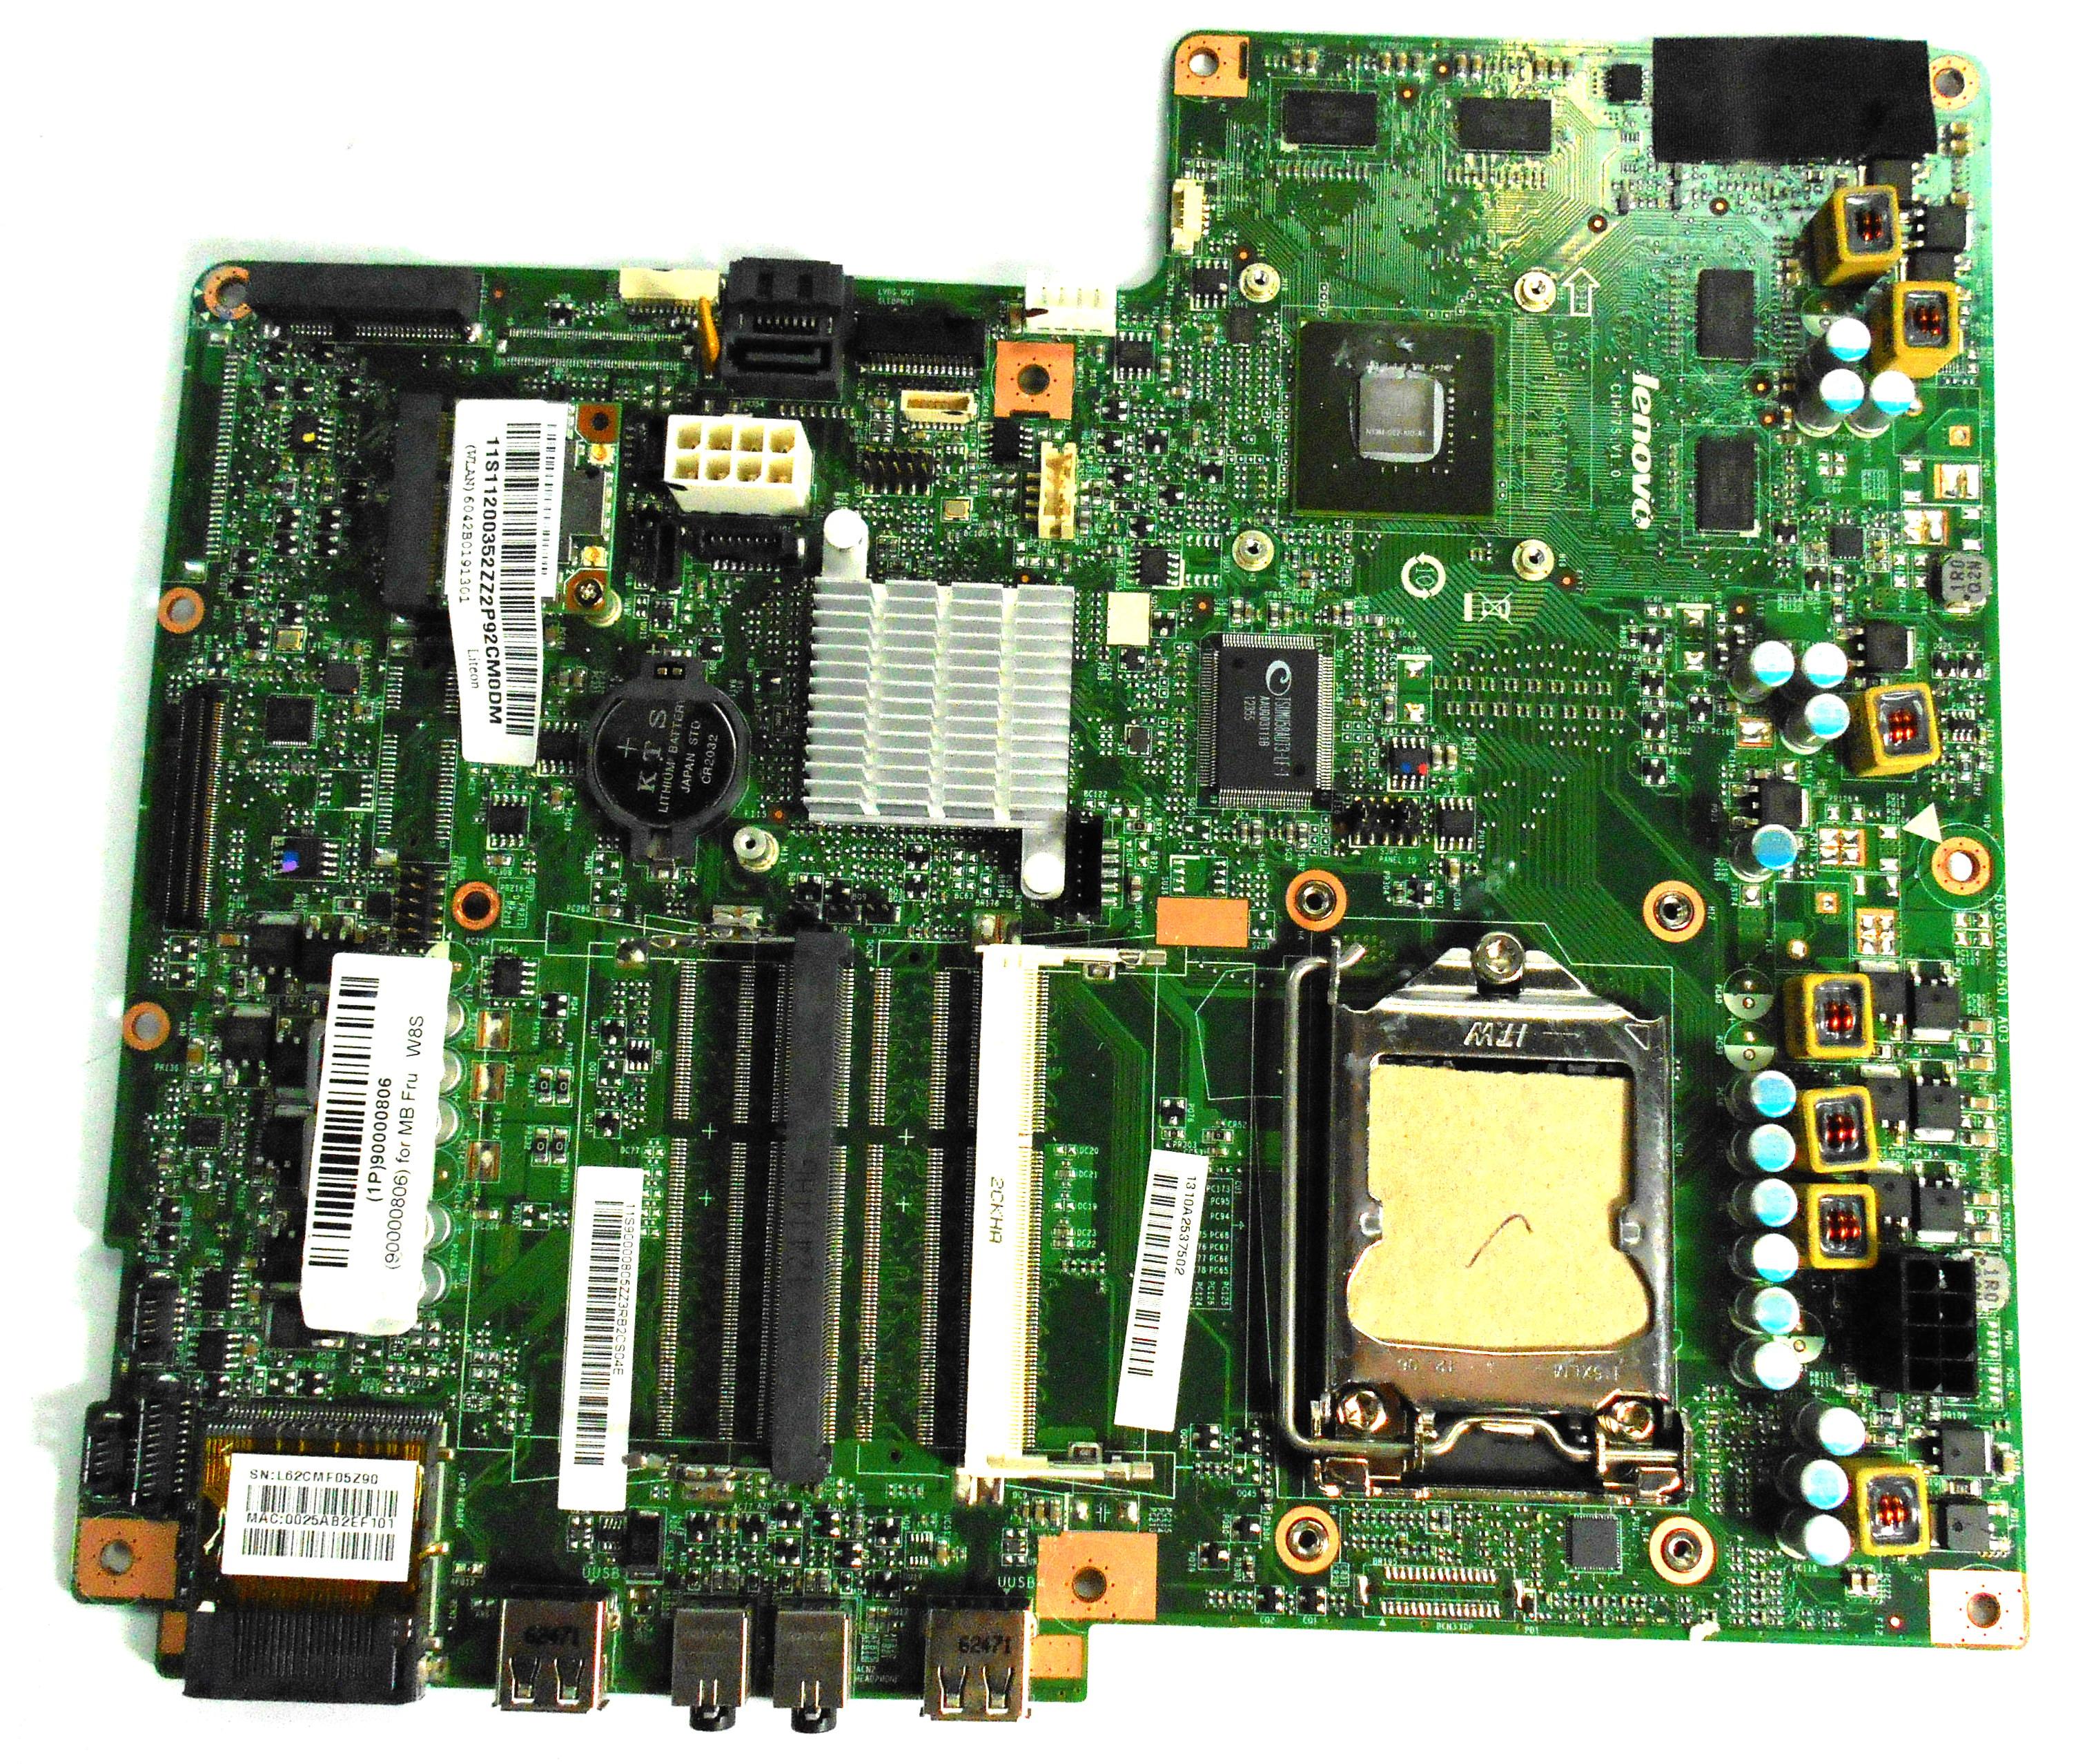 Lenovo CIH77S IdeaCenter B540P Motherboard - 1310A2537502 / 90000806